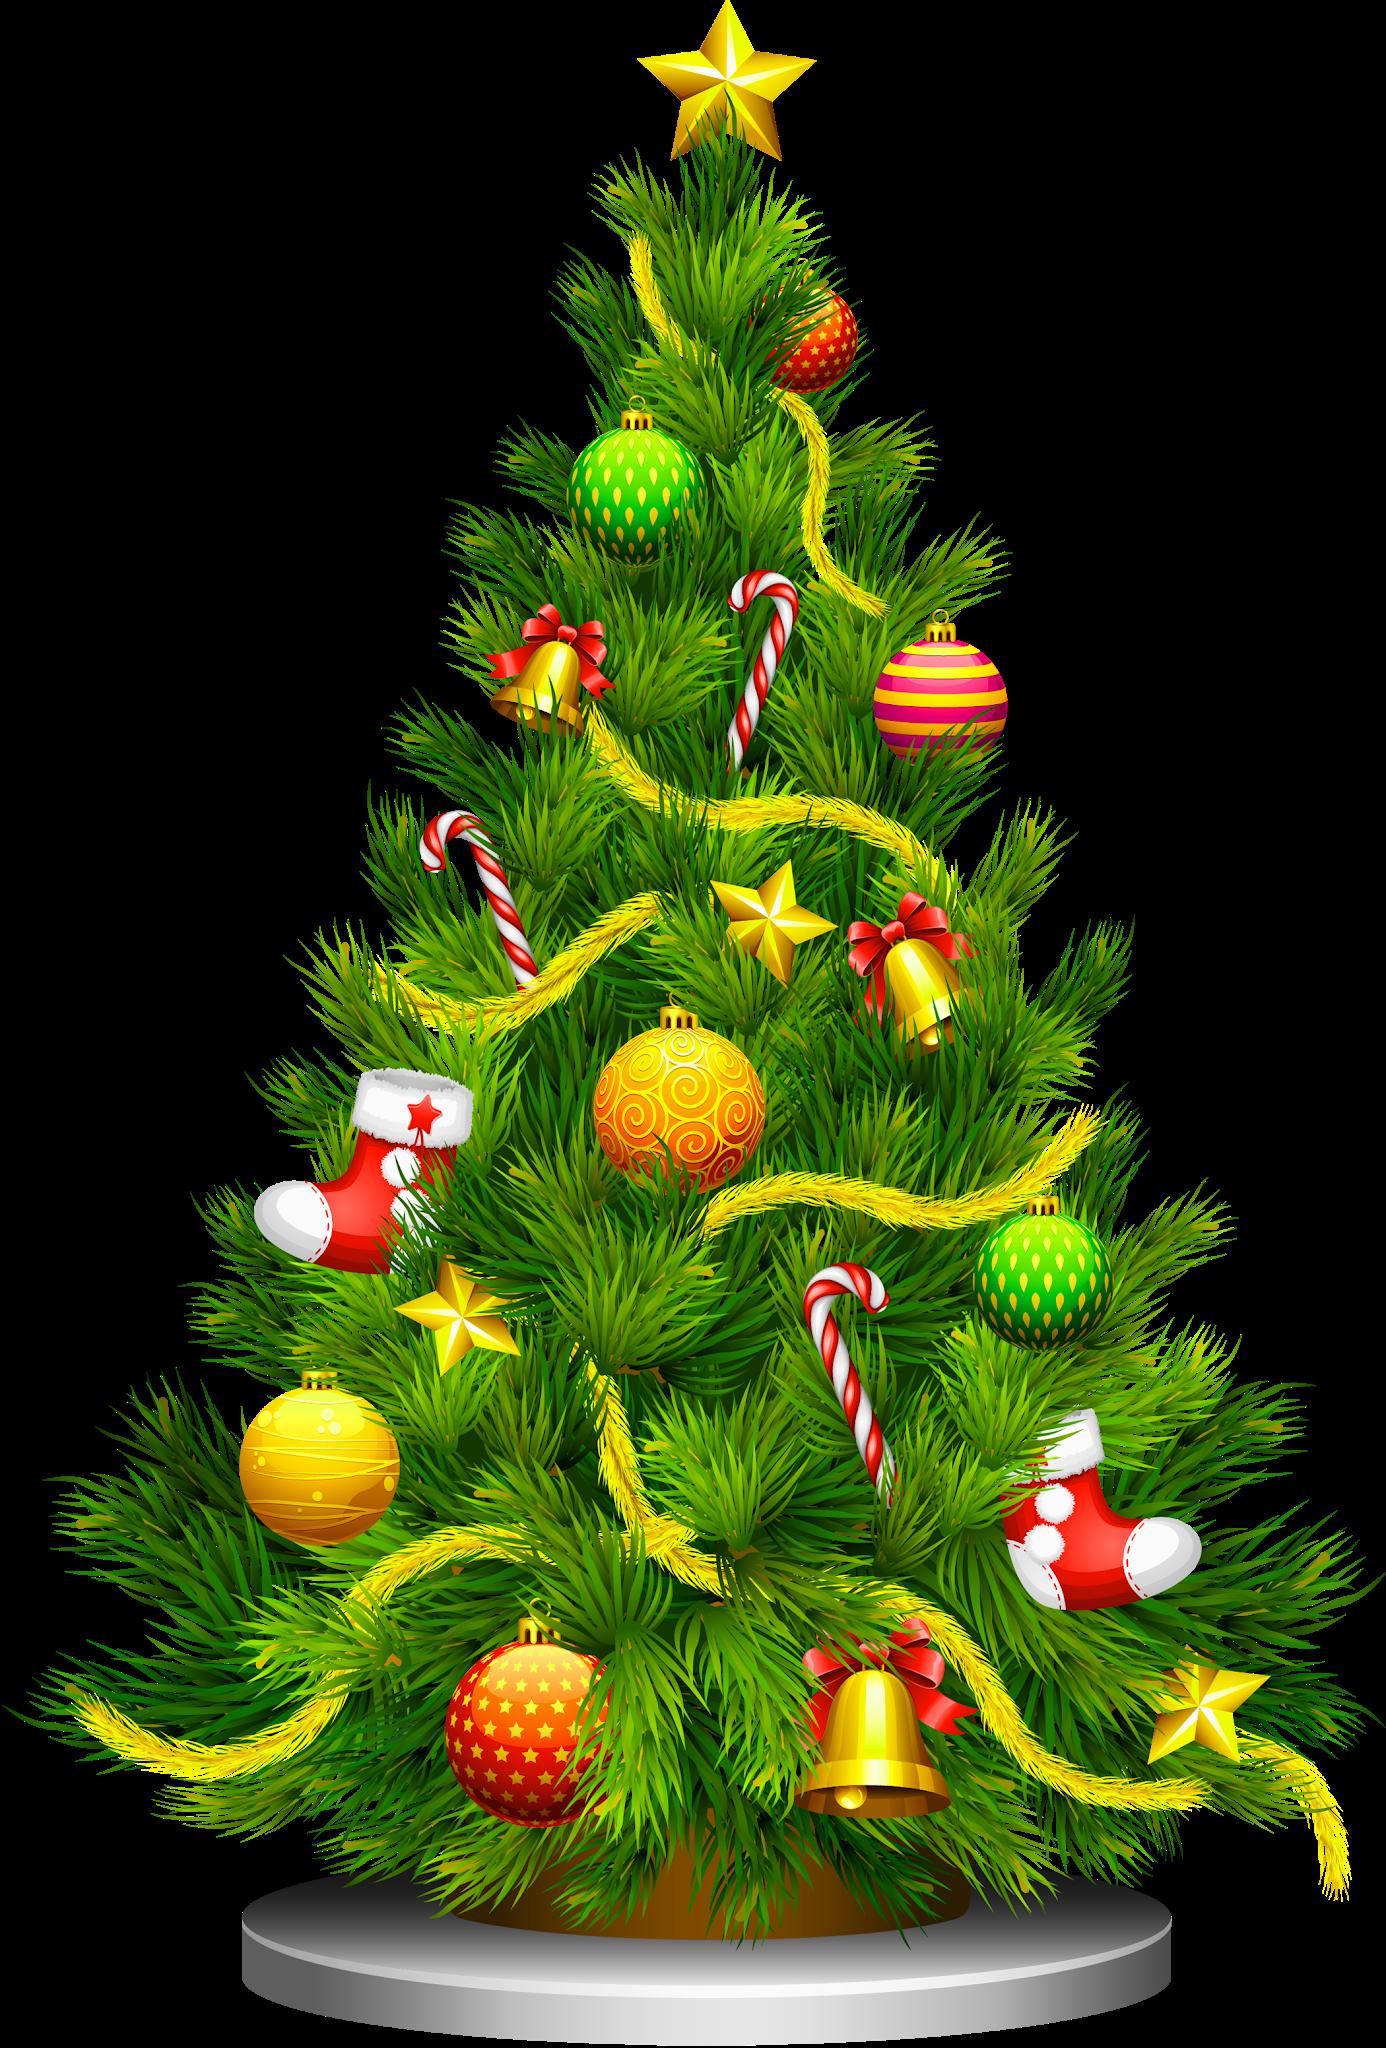 Pin De Meire Cury Em Christmas Fotos De árvores De Natal